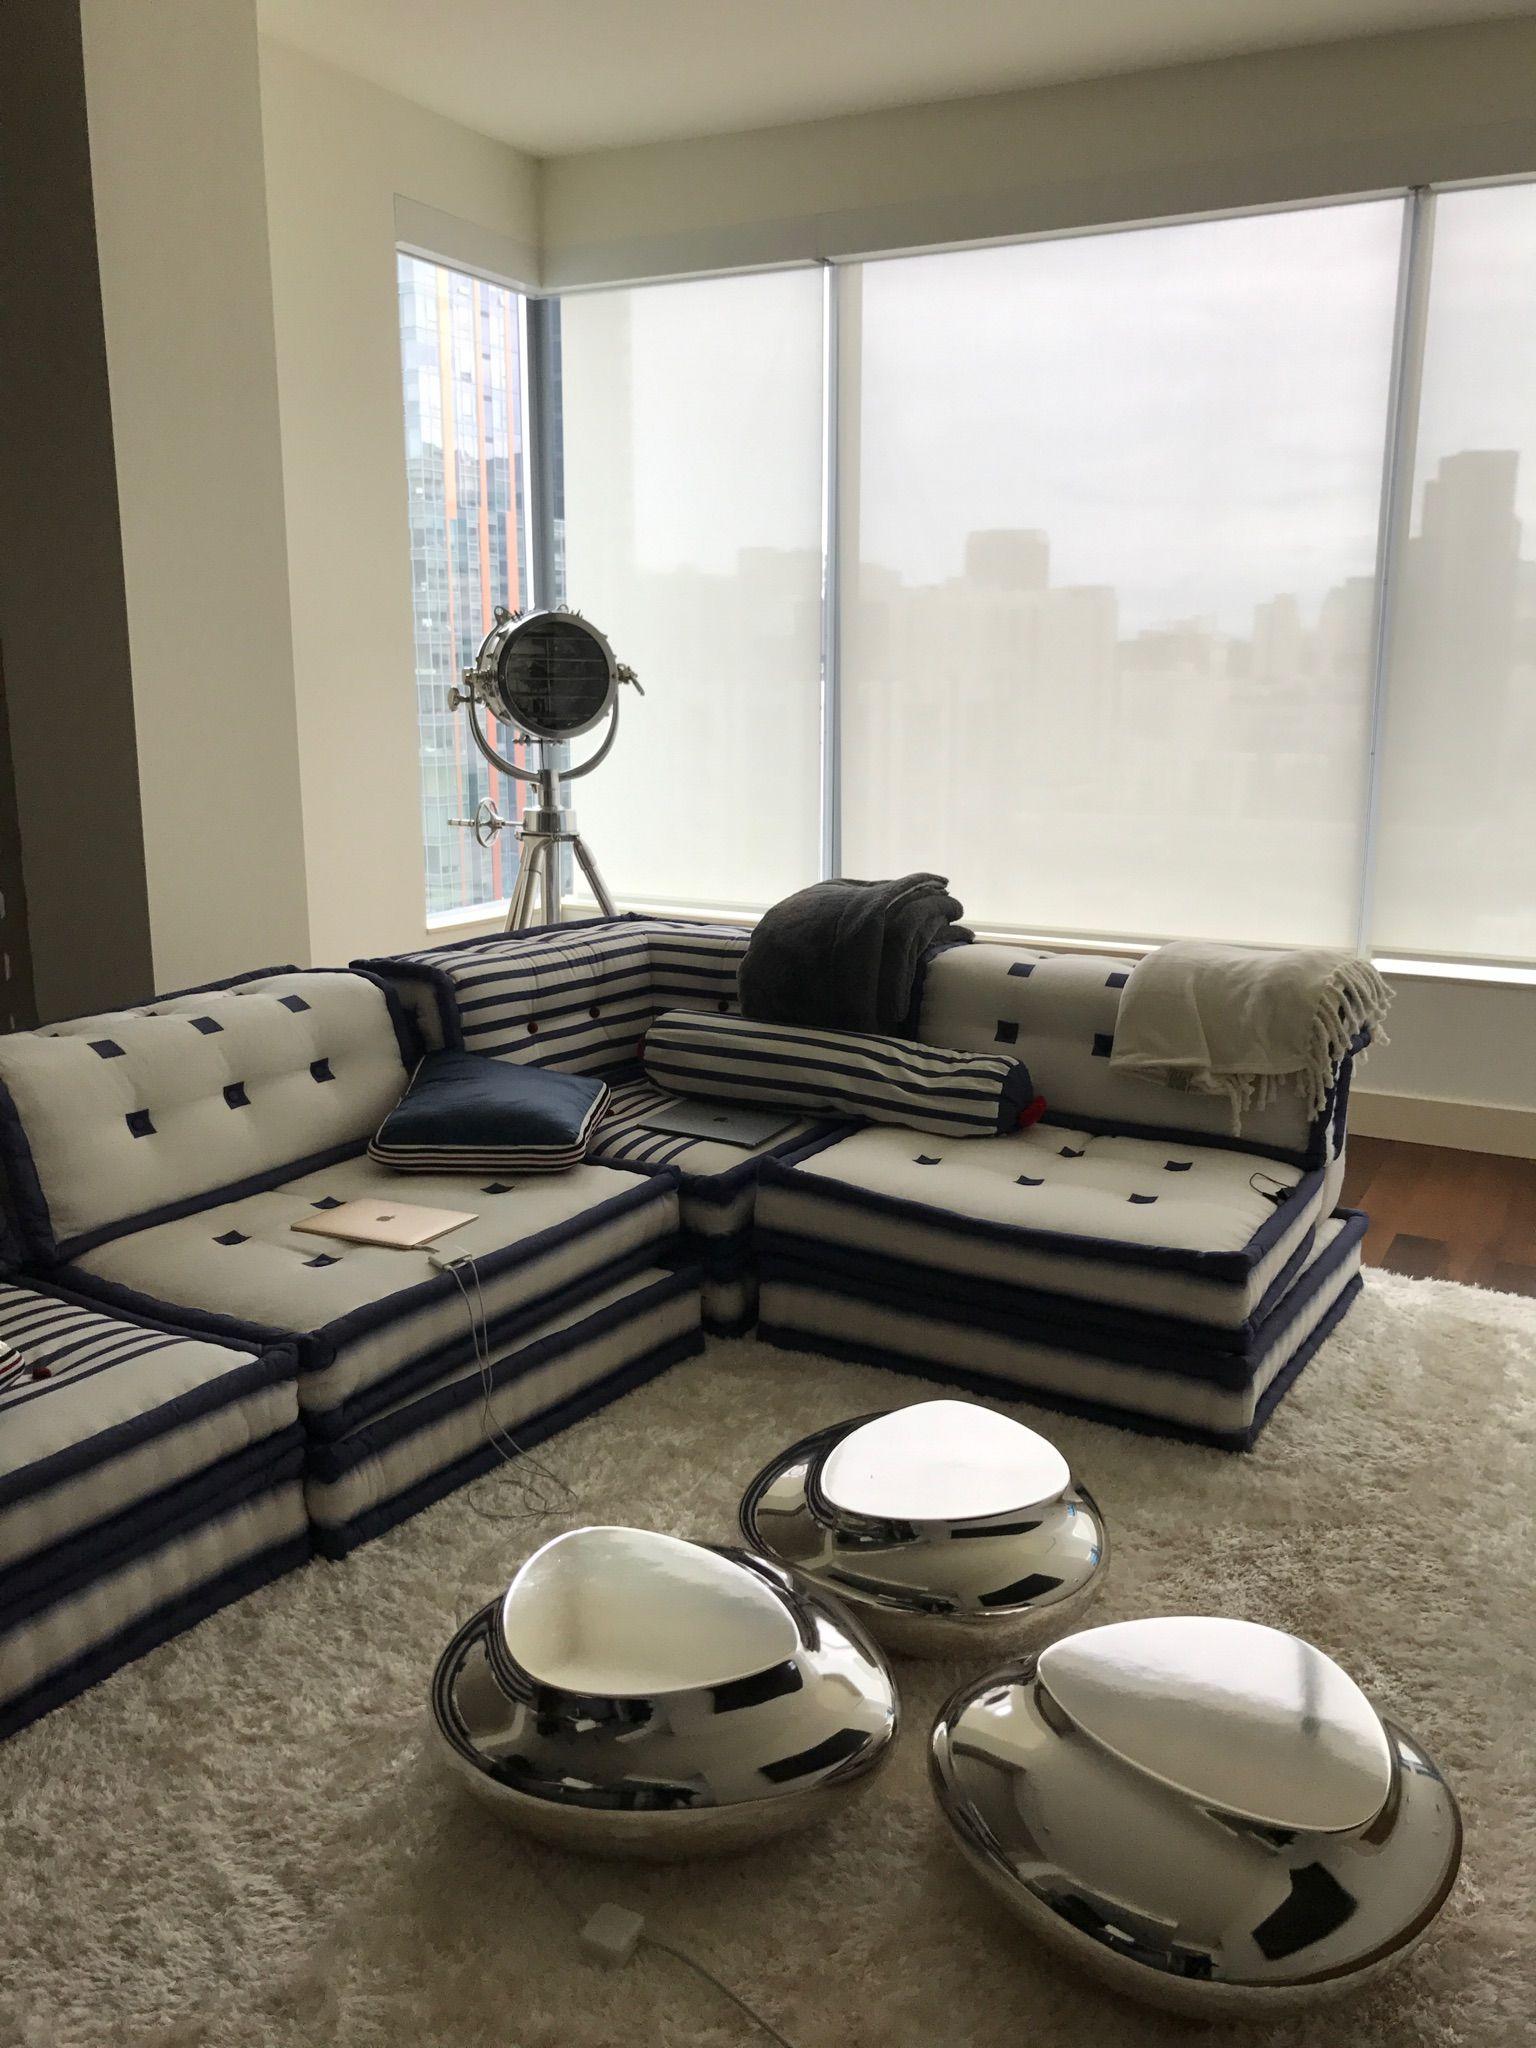 Roche Bobois Mah Jong Couch Matelot Jean Paul Gaultier Design Hans